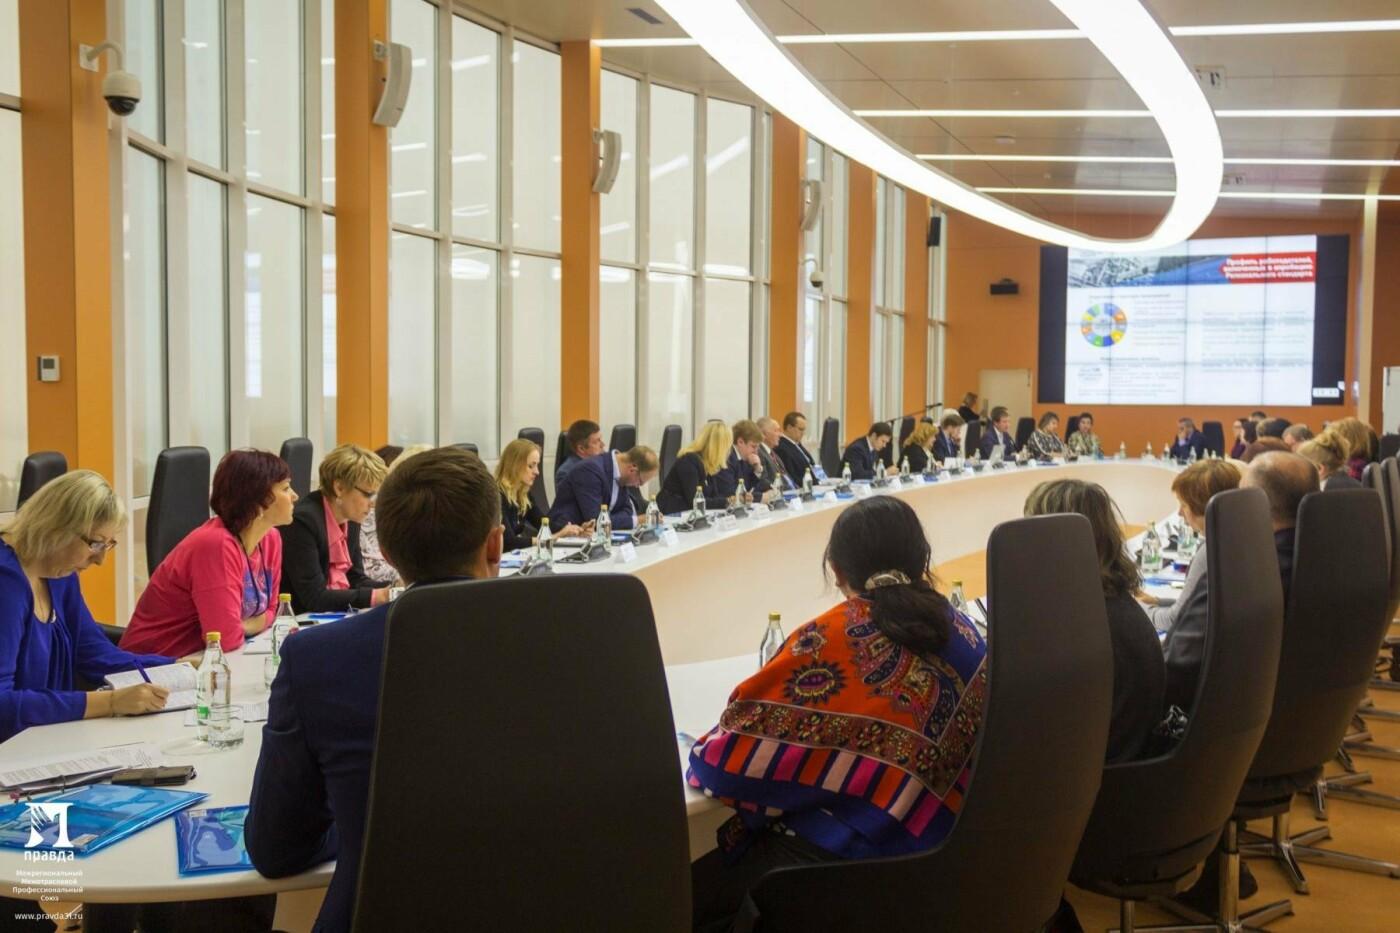 Профсоюз «Правда» принял участие во Всероссийской научно-практической конференции, фото-1